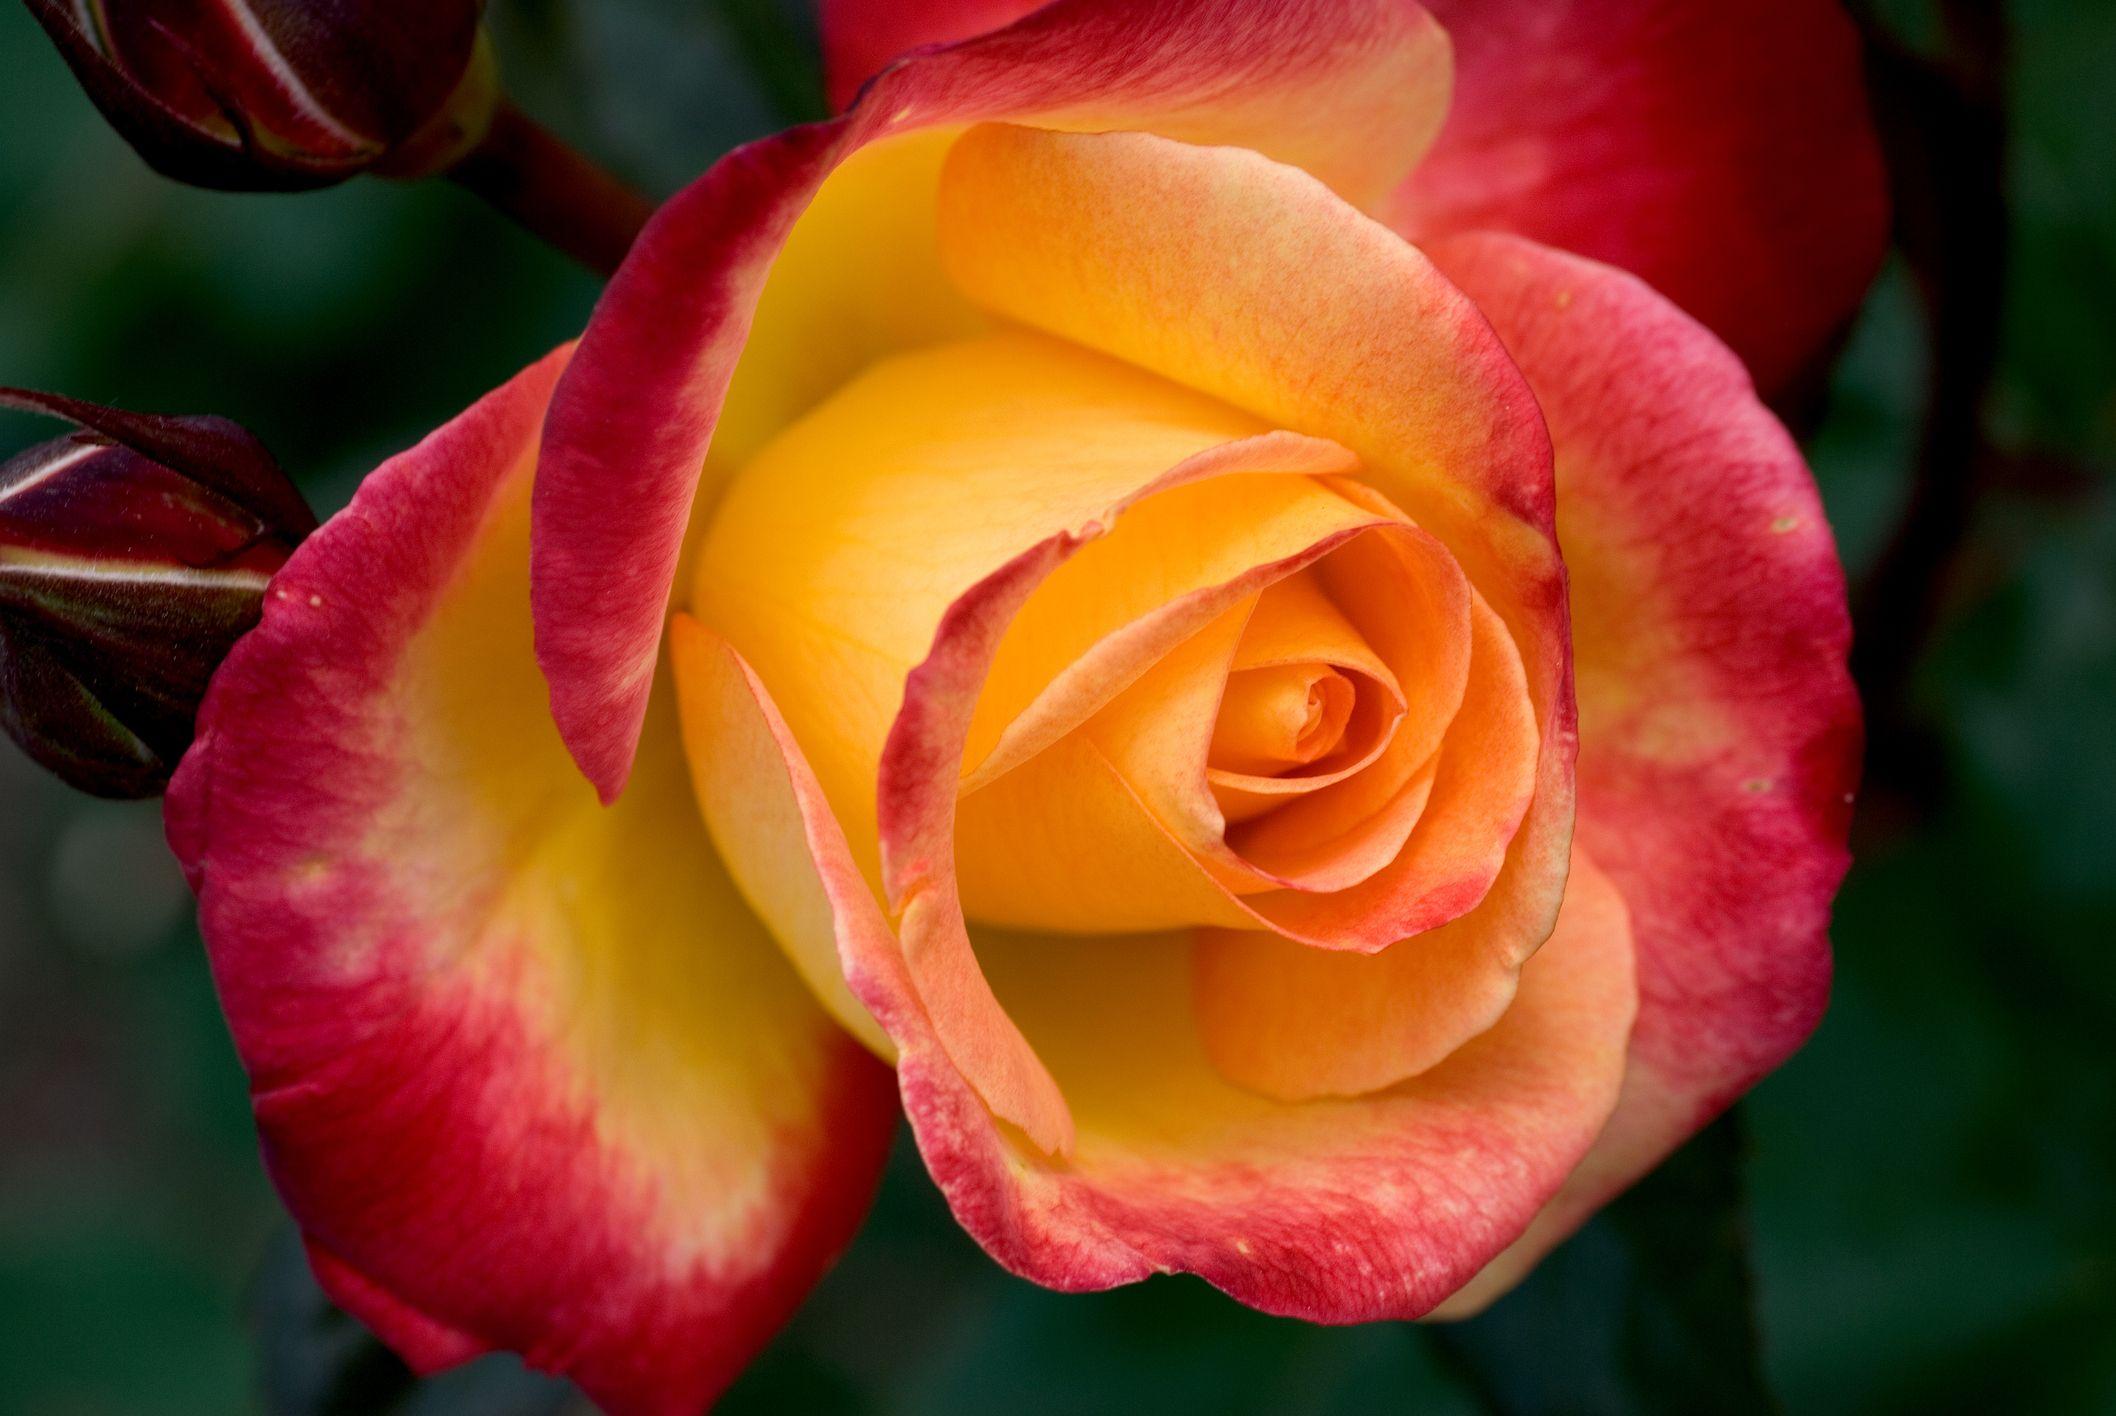 център на розово и жълто розово цвете